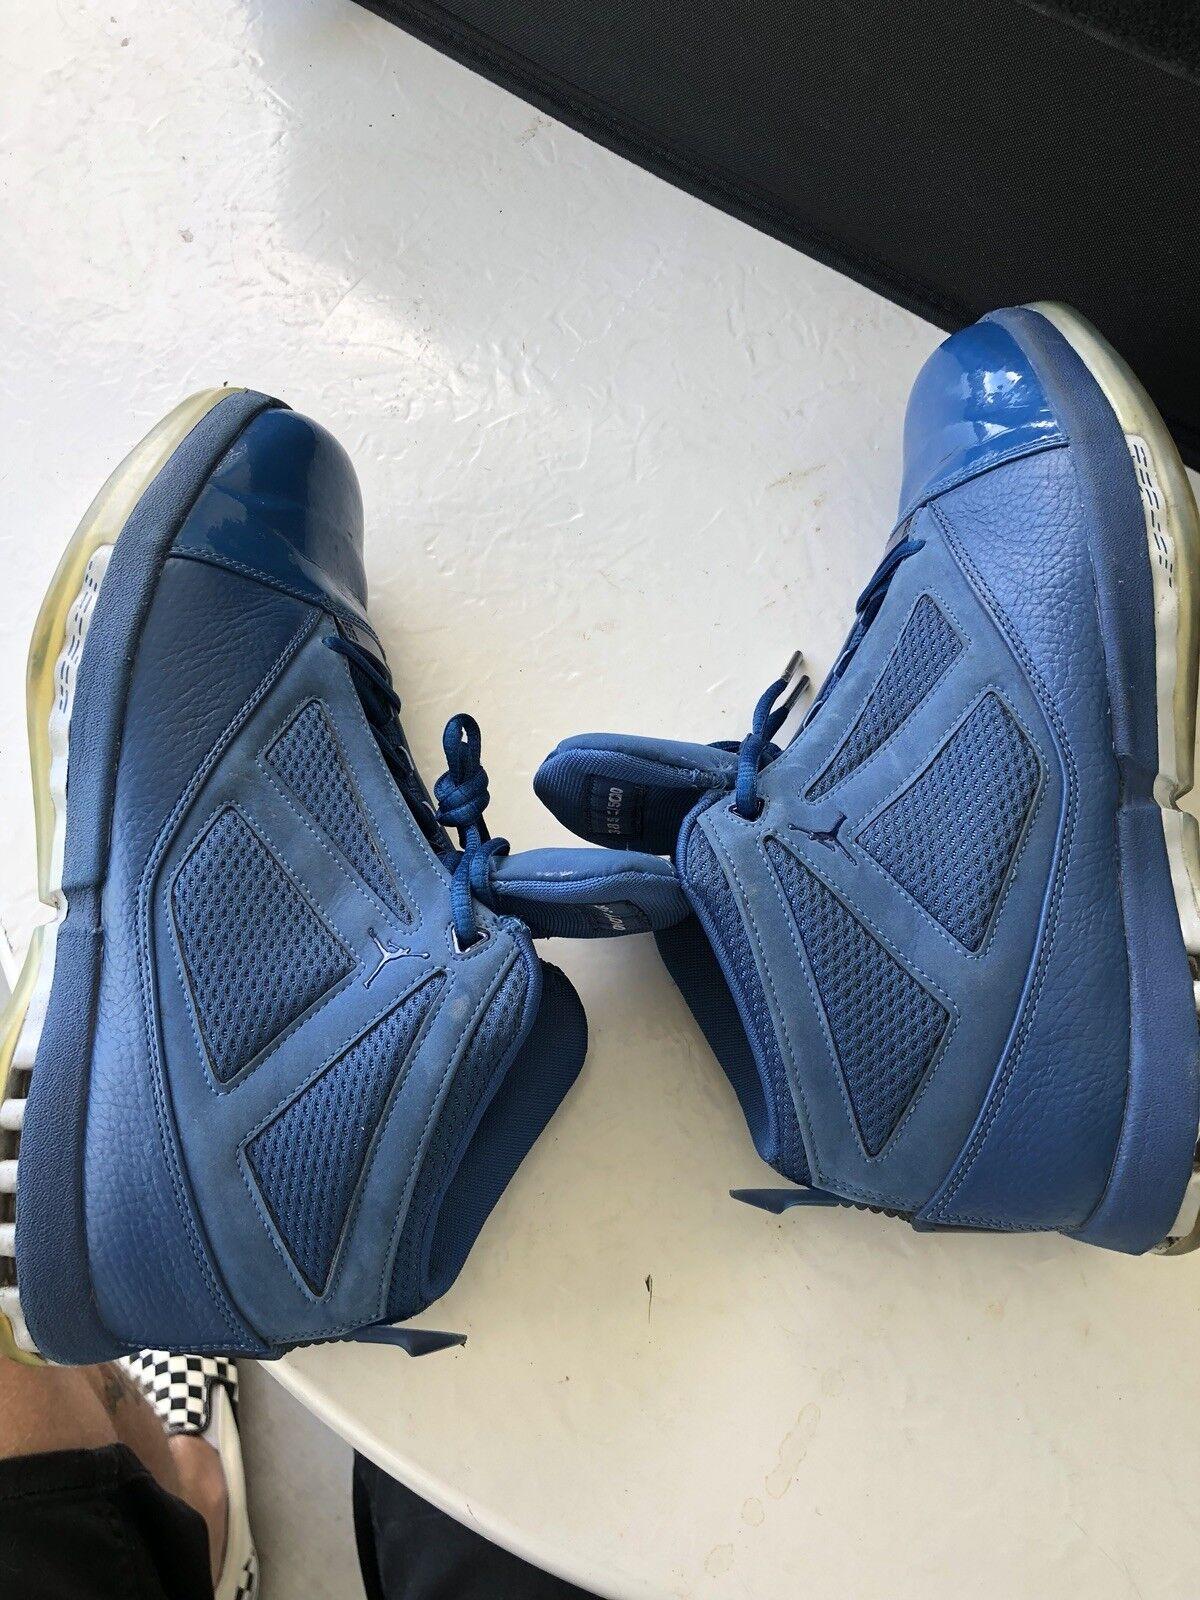 Nike air jordan 16 xvi retro - trophäenzimmer selten qs - größe 9,5 Blau marine.854255-416 selten trophäenzimmer 4931f9